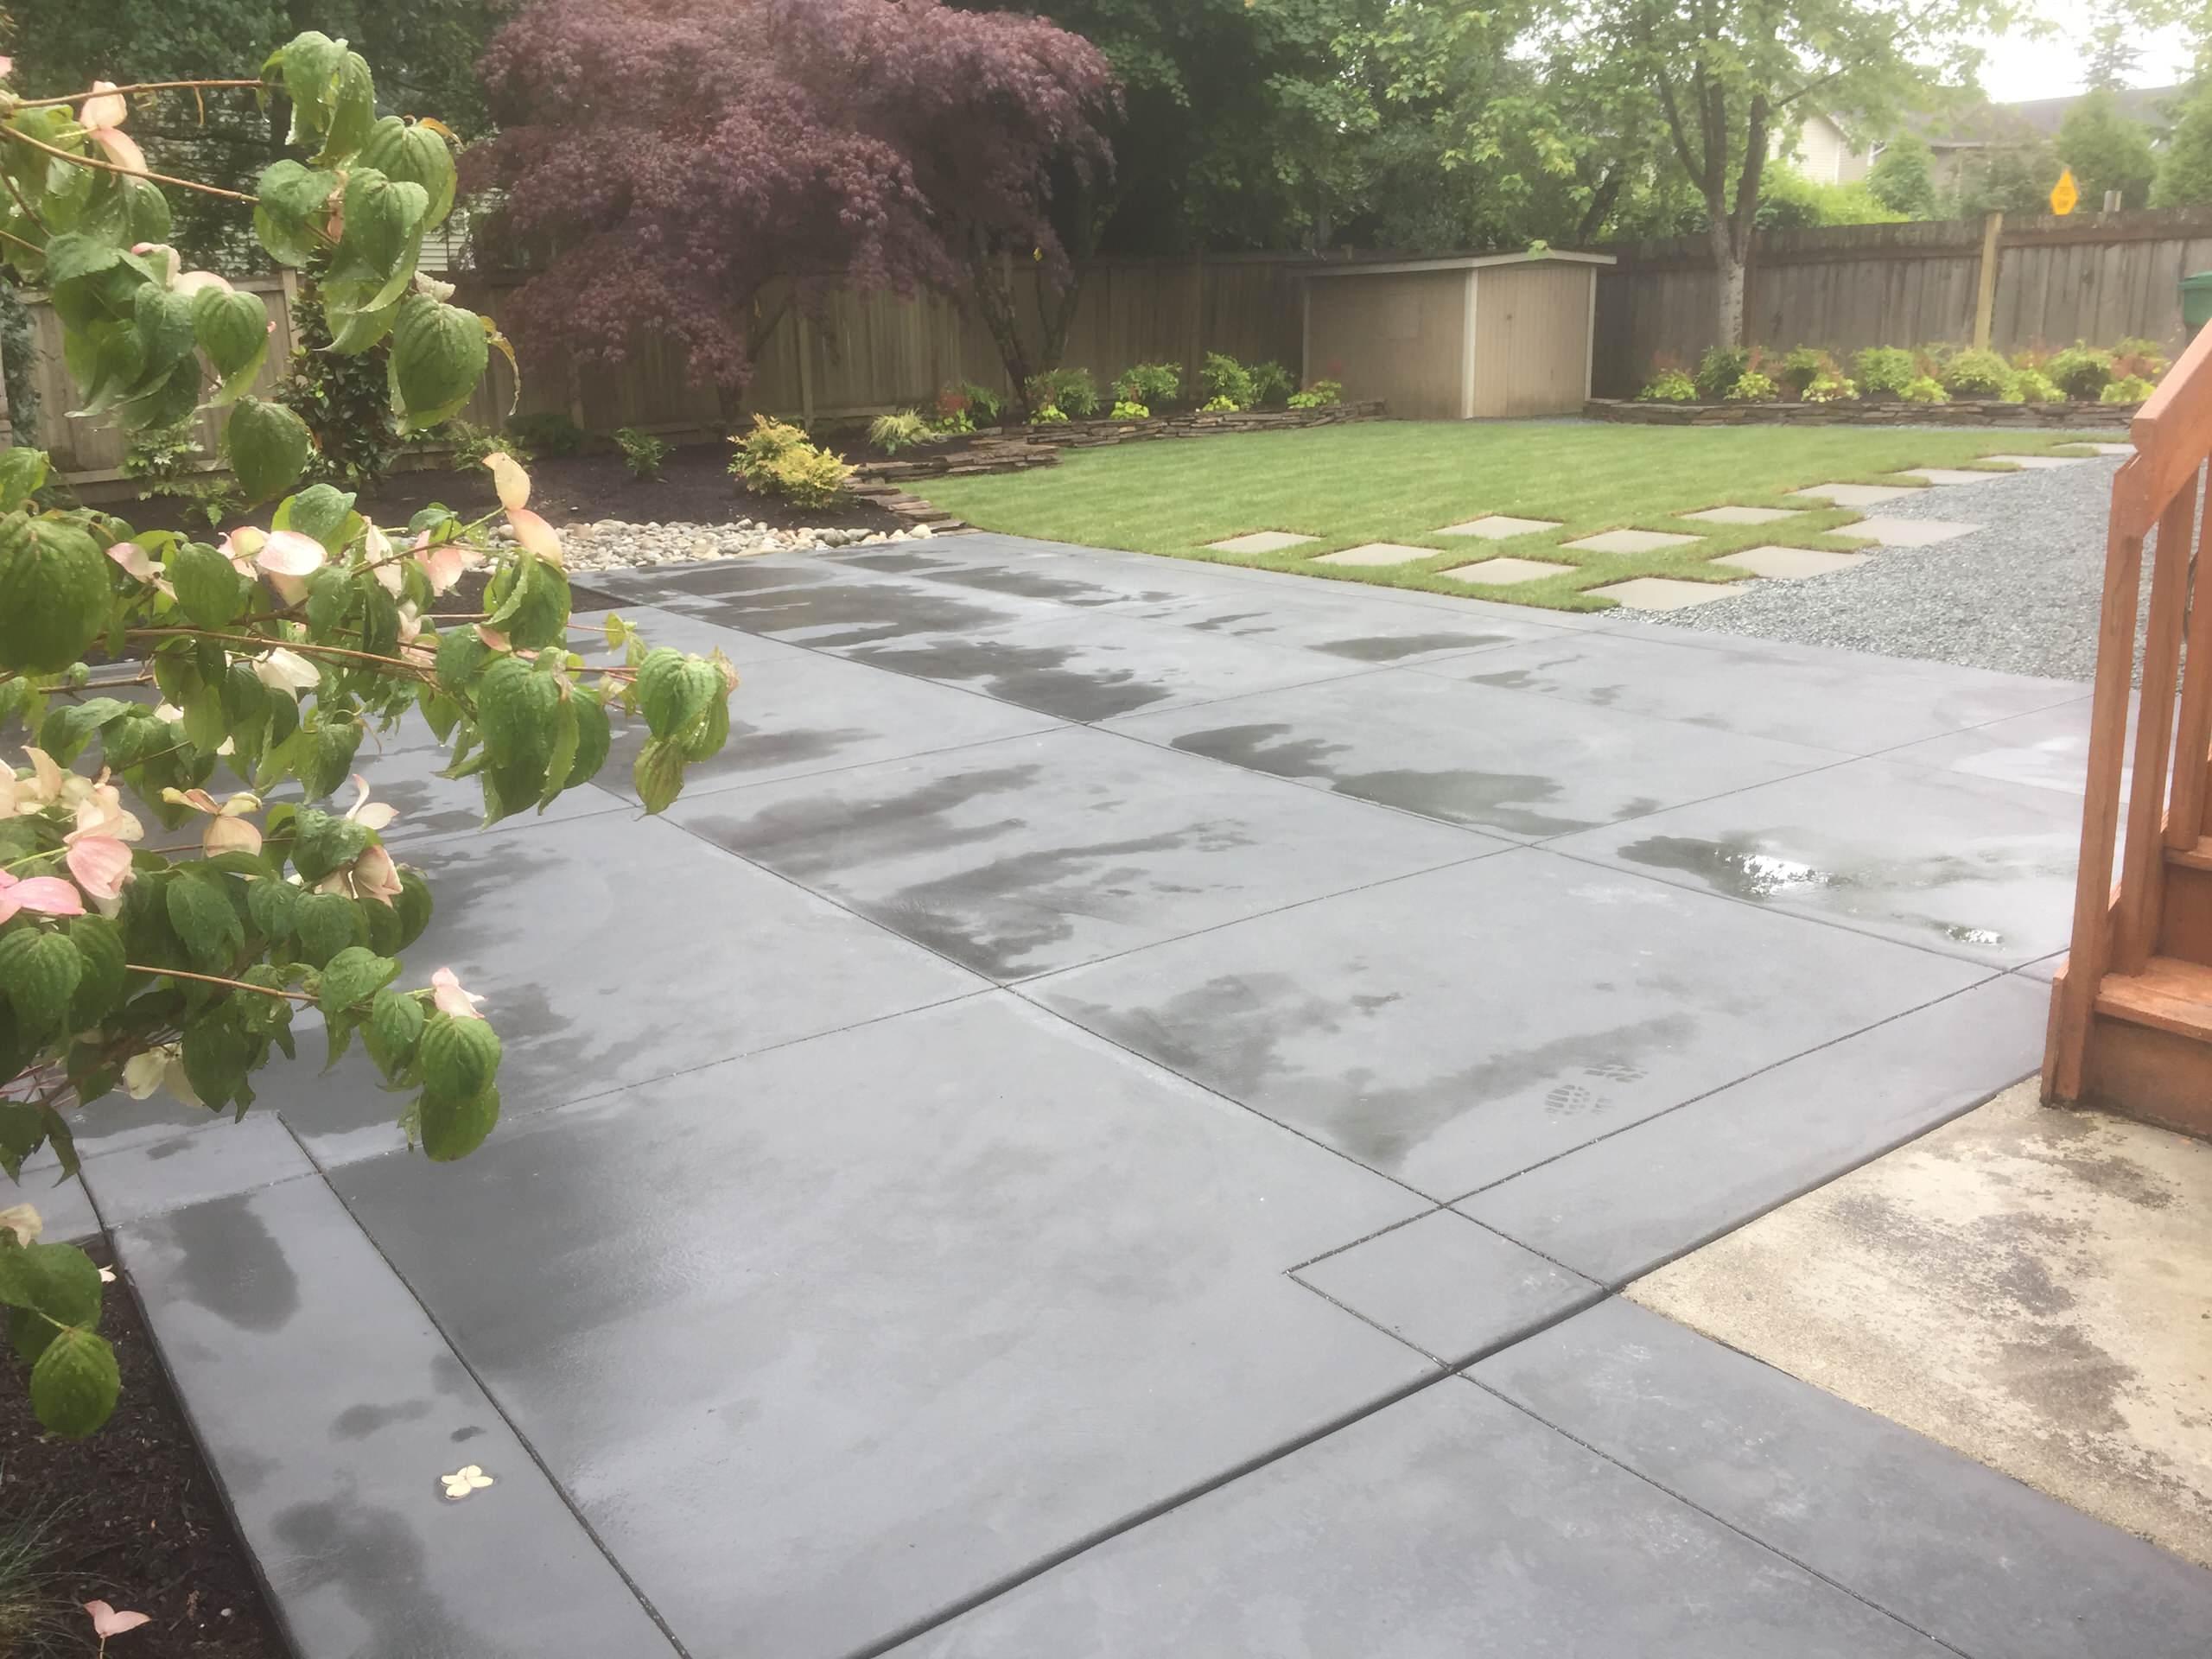 Yard Renovation - Concrete Patio